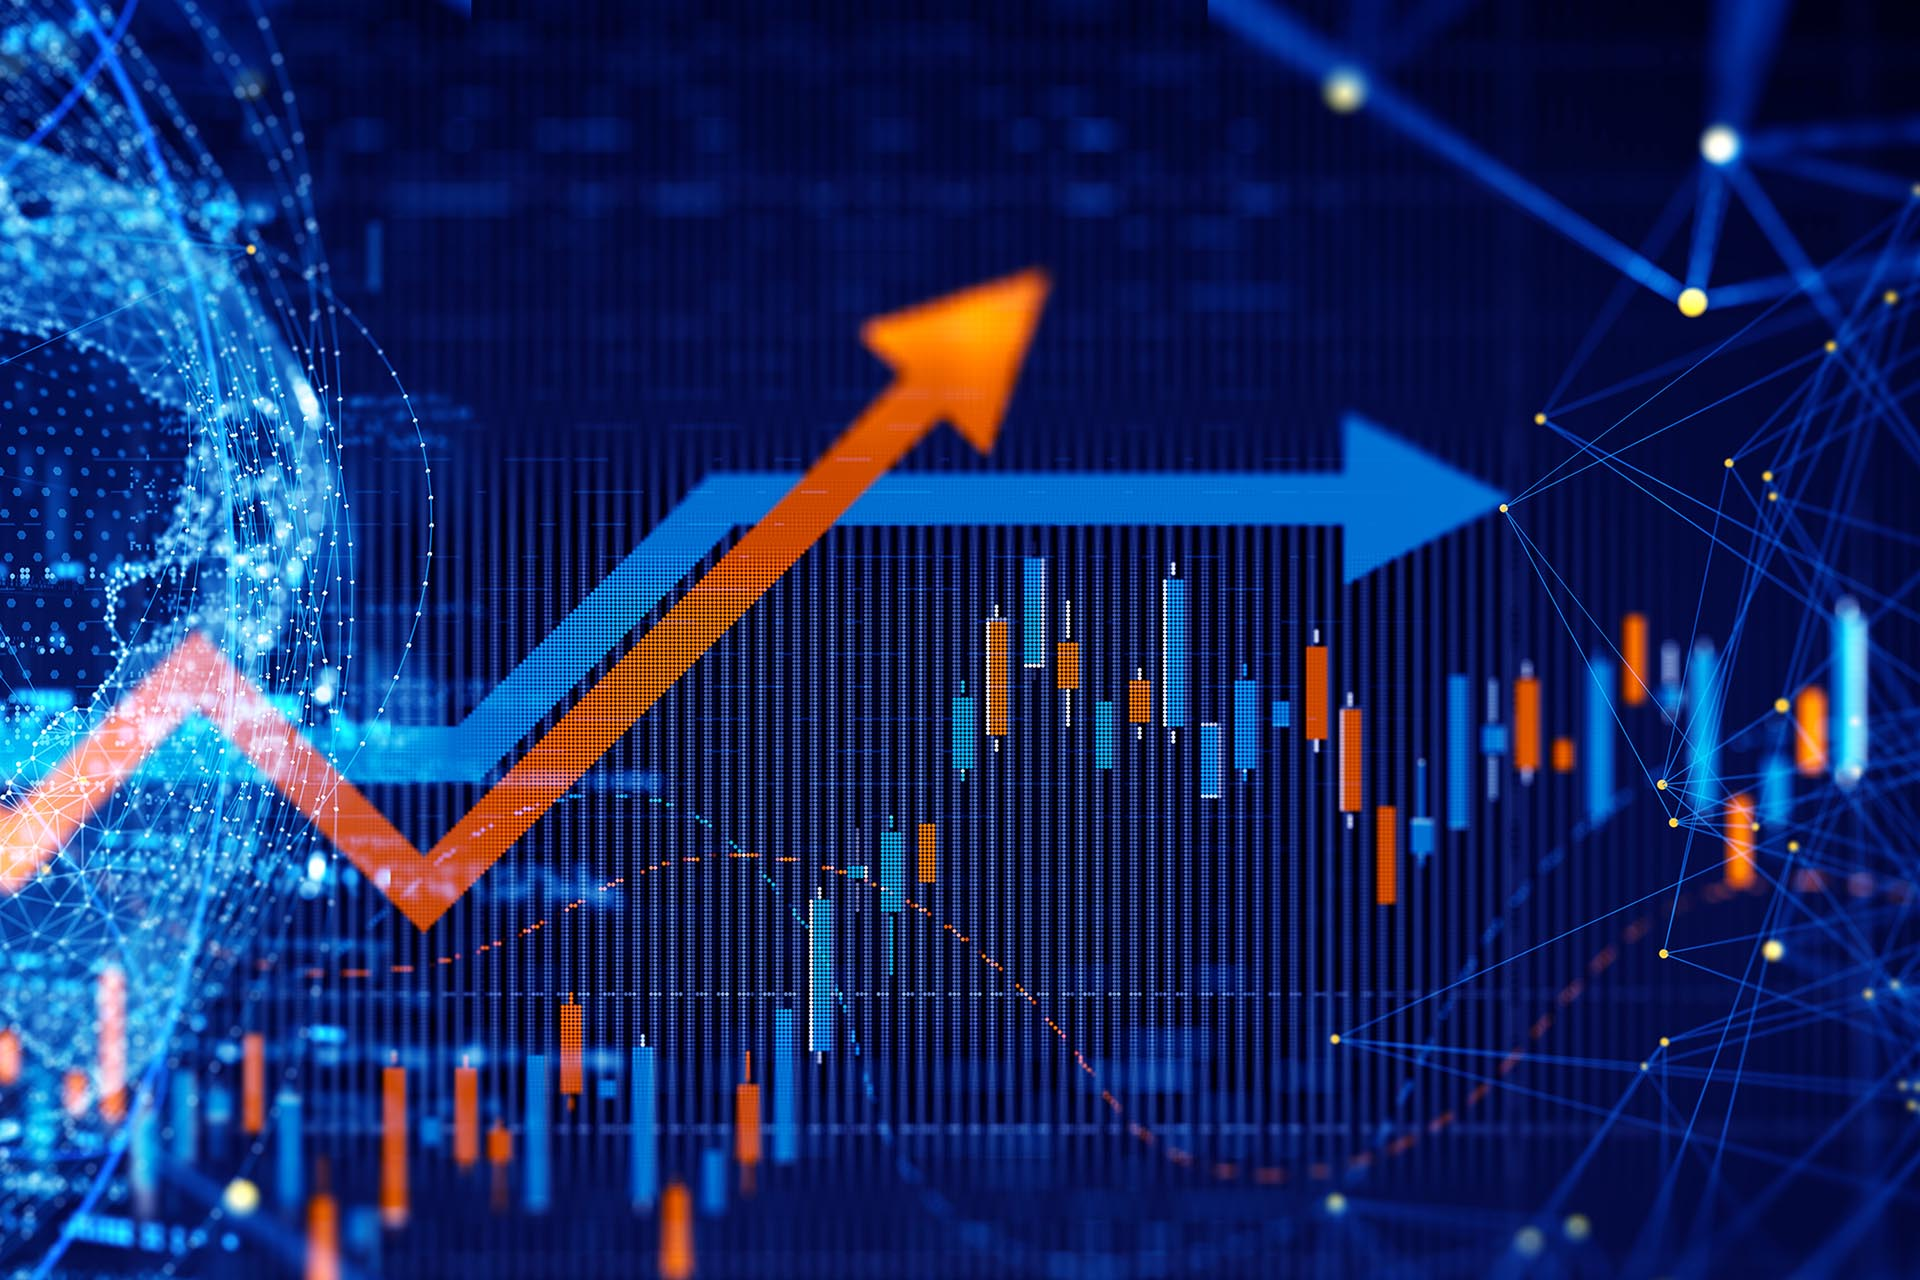 Đợt điều chỉnh đến gần khi thị trường ngoại hối chịu ảnh hưởng giảm của chứng khoán